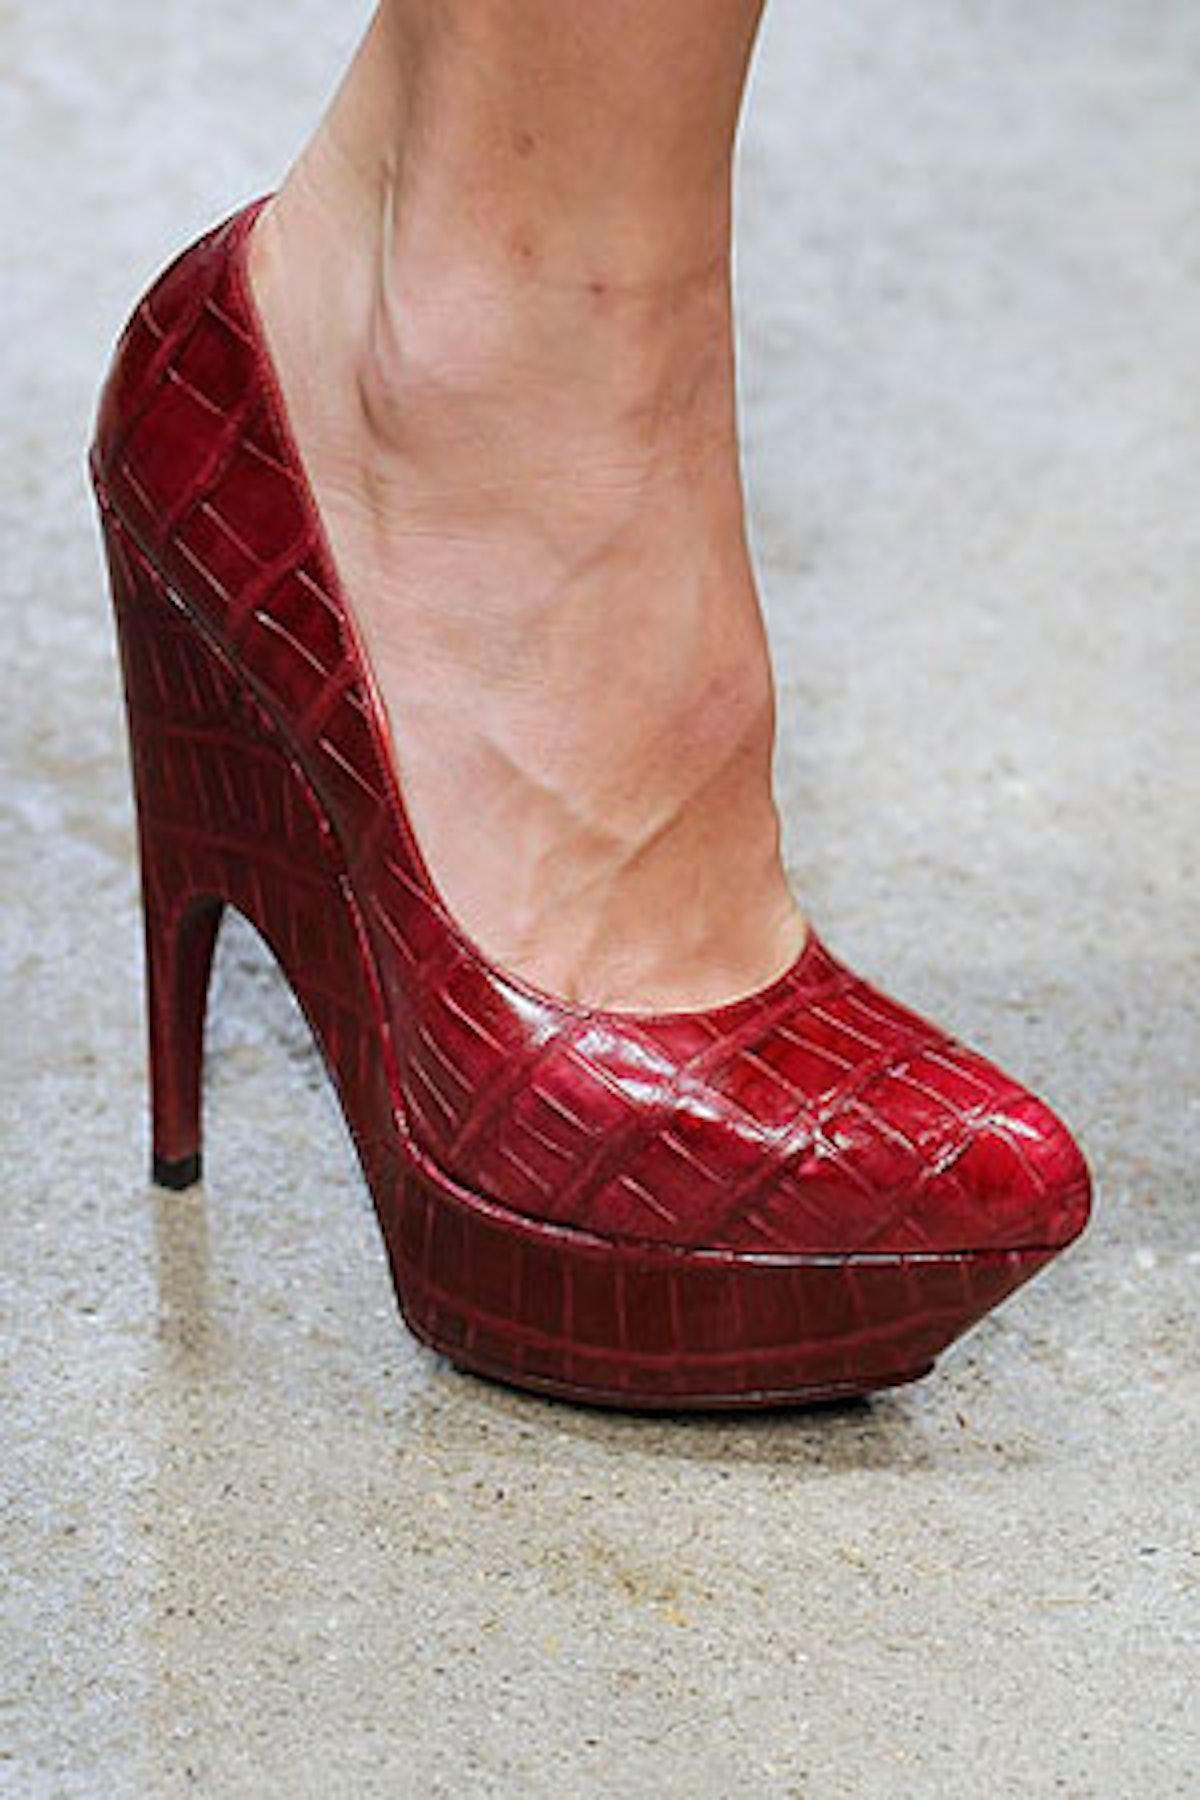 acss_runway_shoes_05_v.jpg